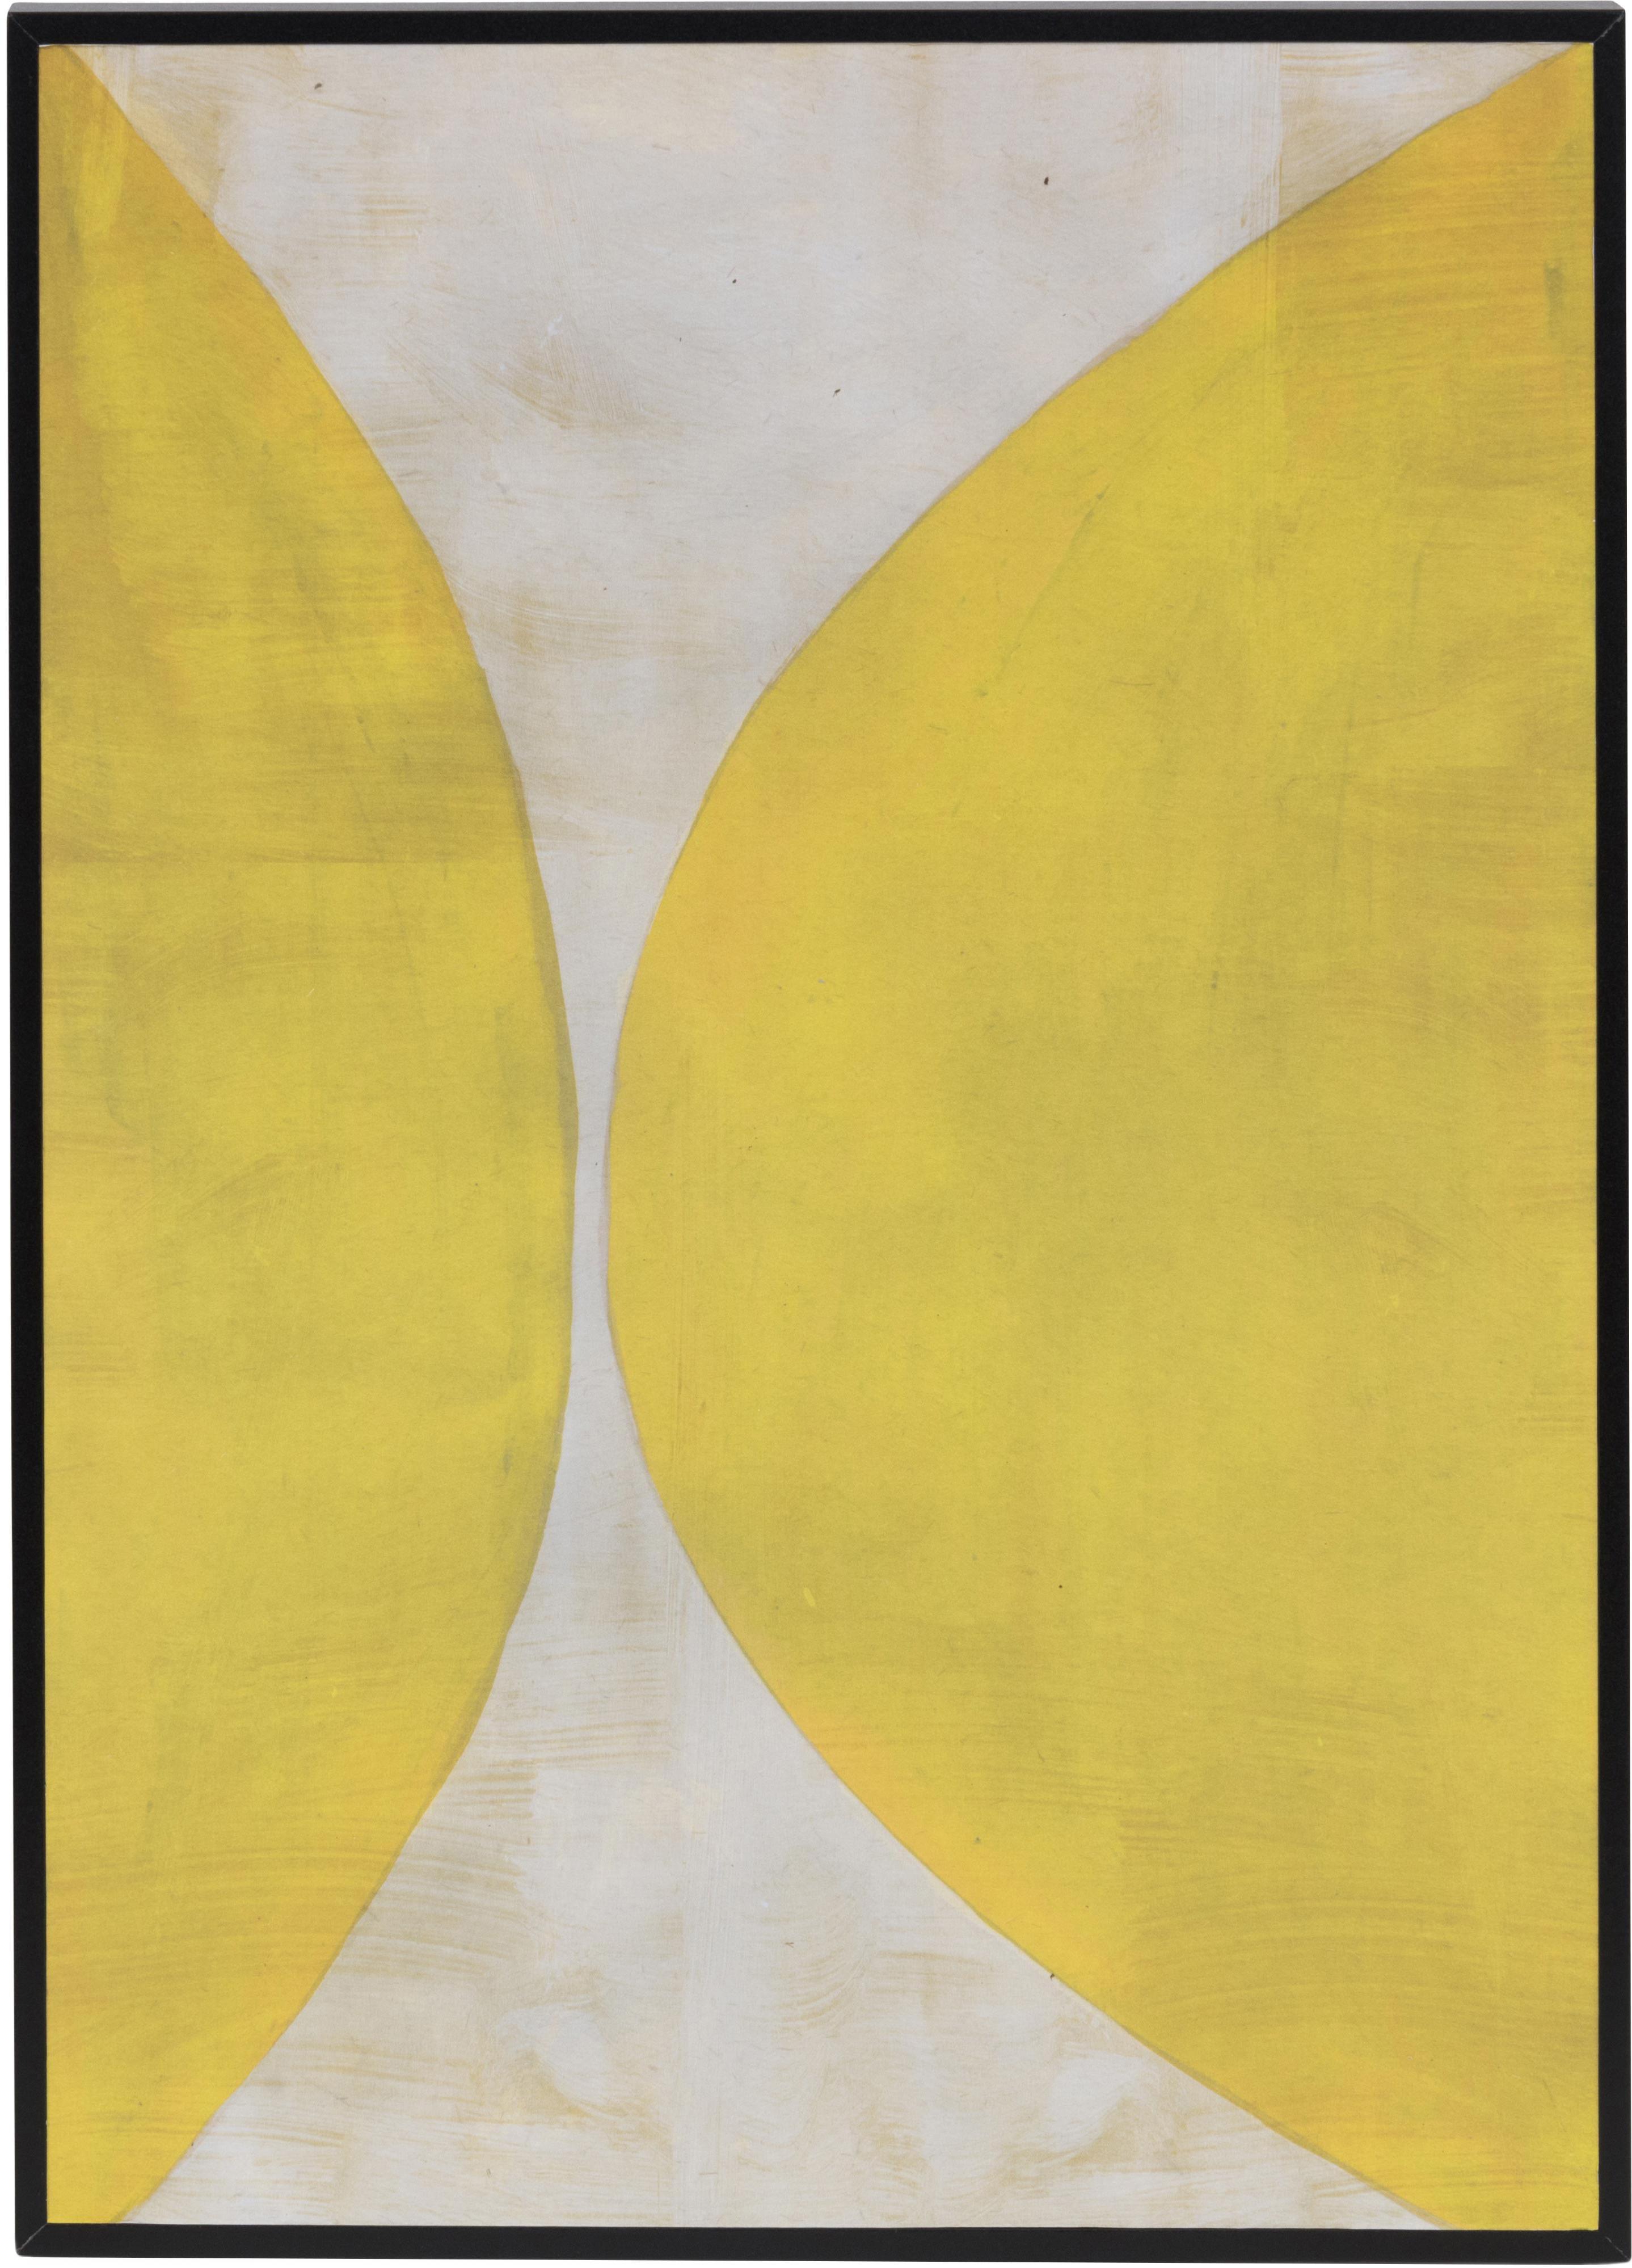 Gerahmter Digitaldruck Reri, Bild: Recyceltes Papier, Rahmen: Mitteldichte Holzfaserpla, Gelb, Creme, 25 x 35 cm